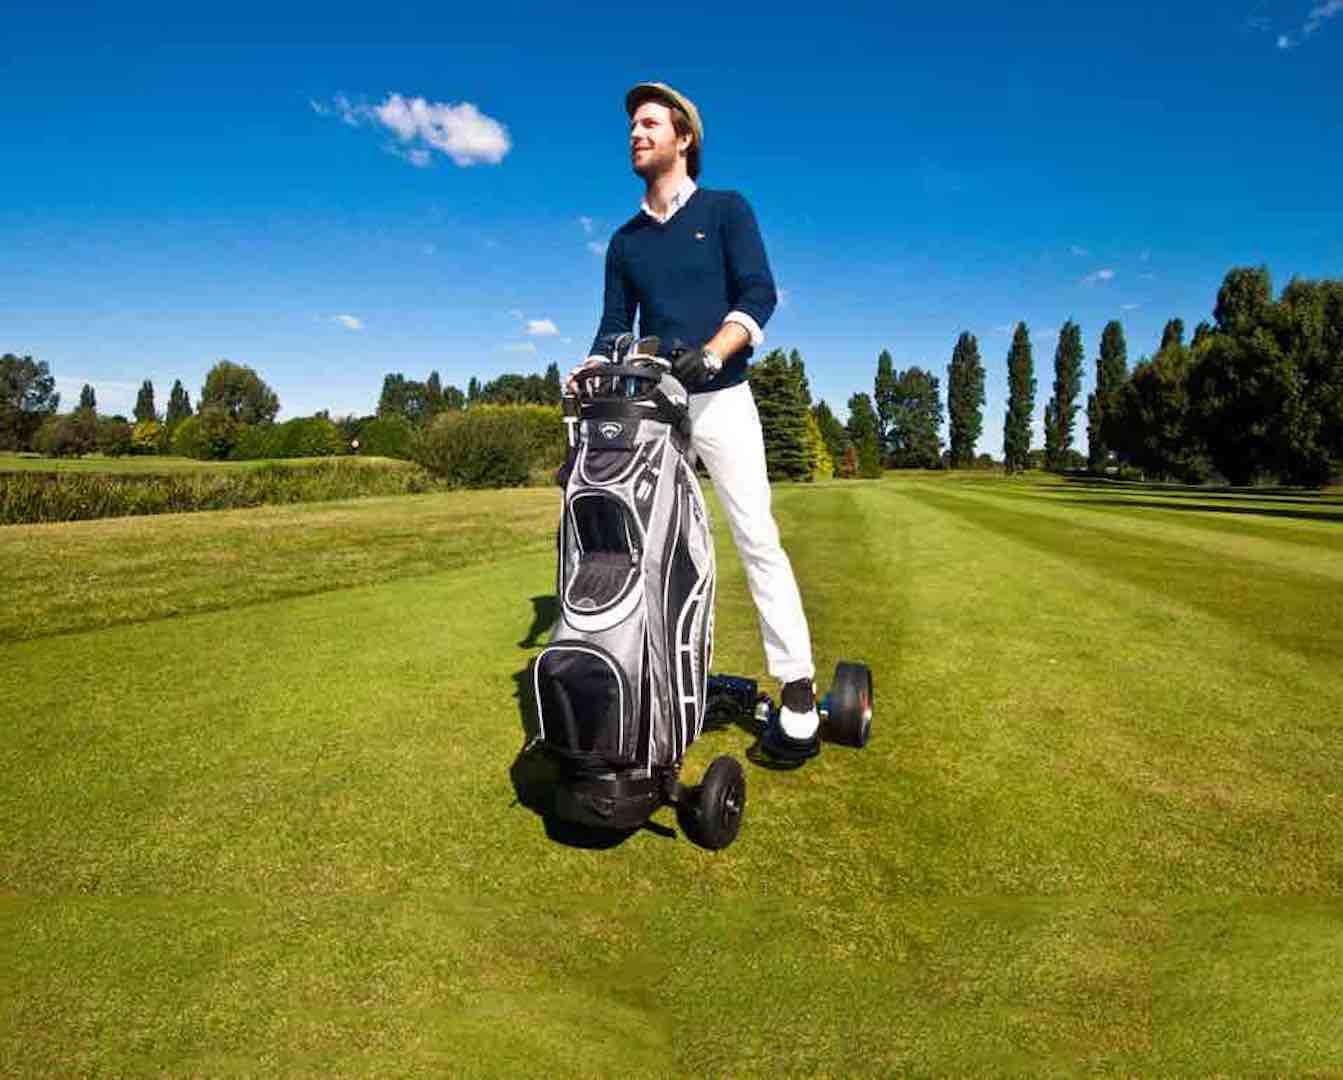 Is it a golf cart or is it a trolley?